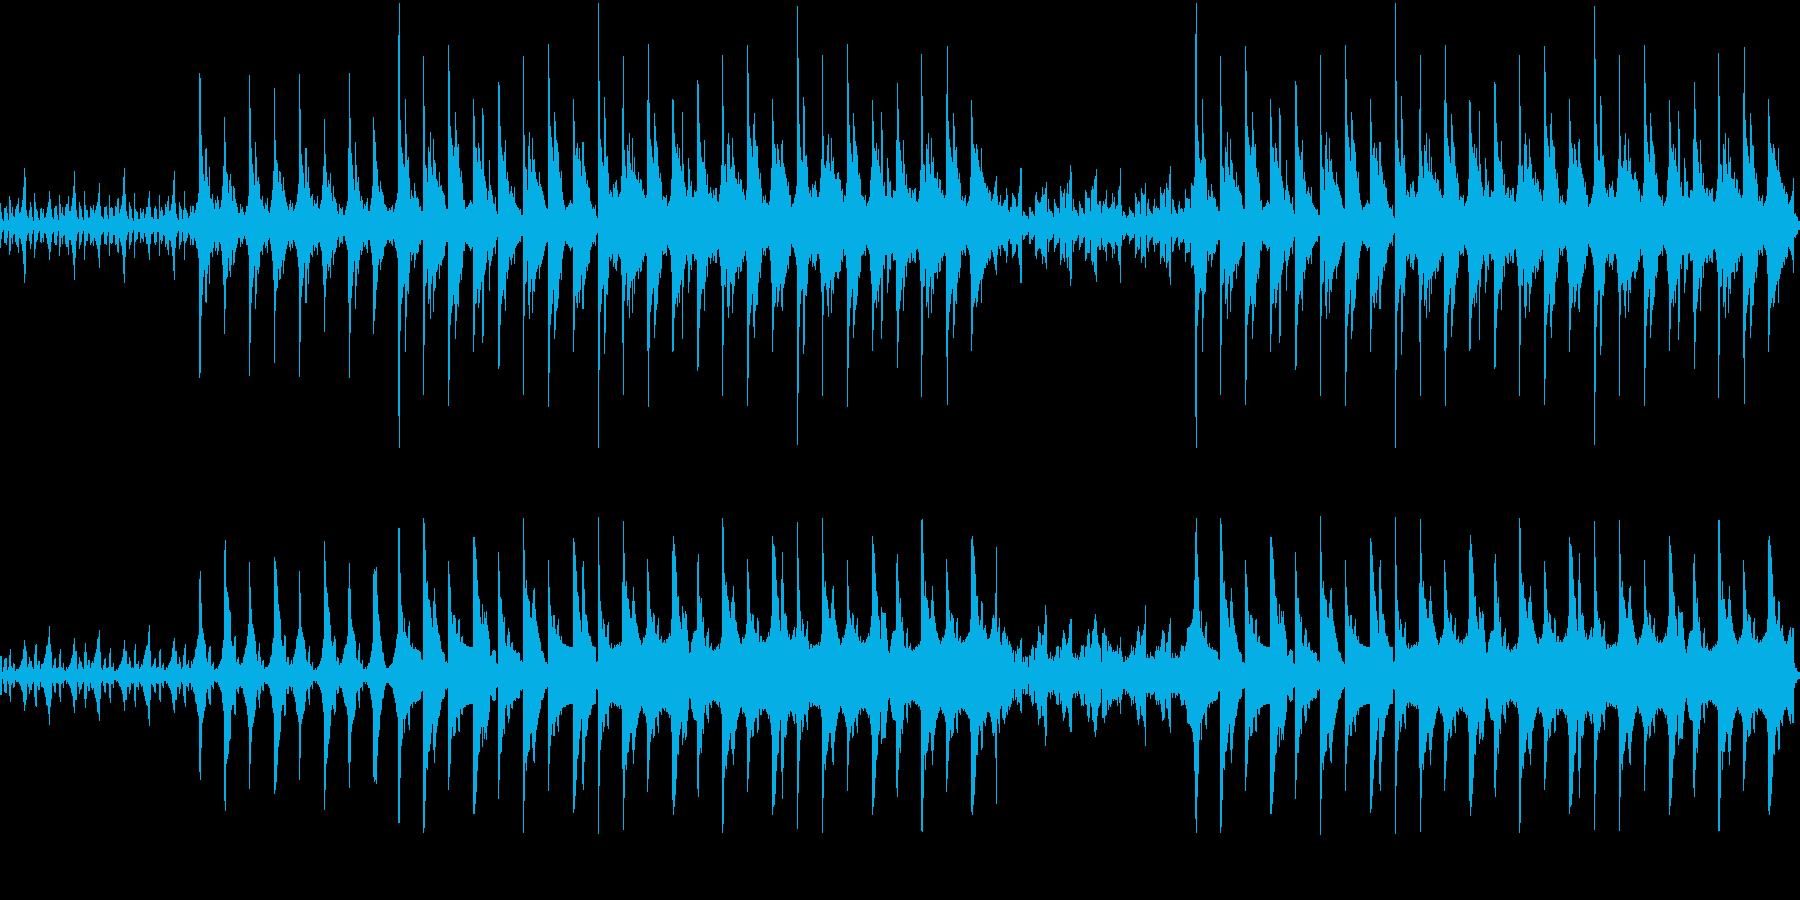 幻想的なピアノとシンセのエレクトロニカの再生済みの波形